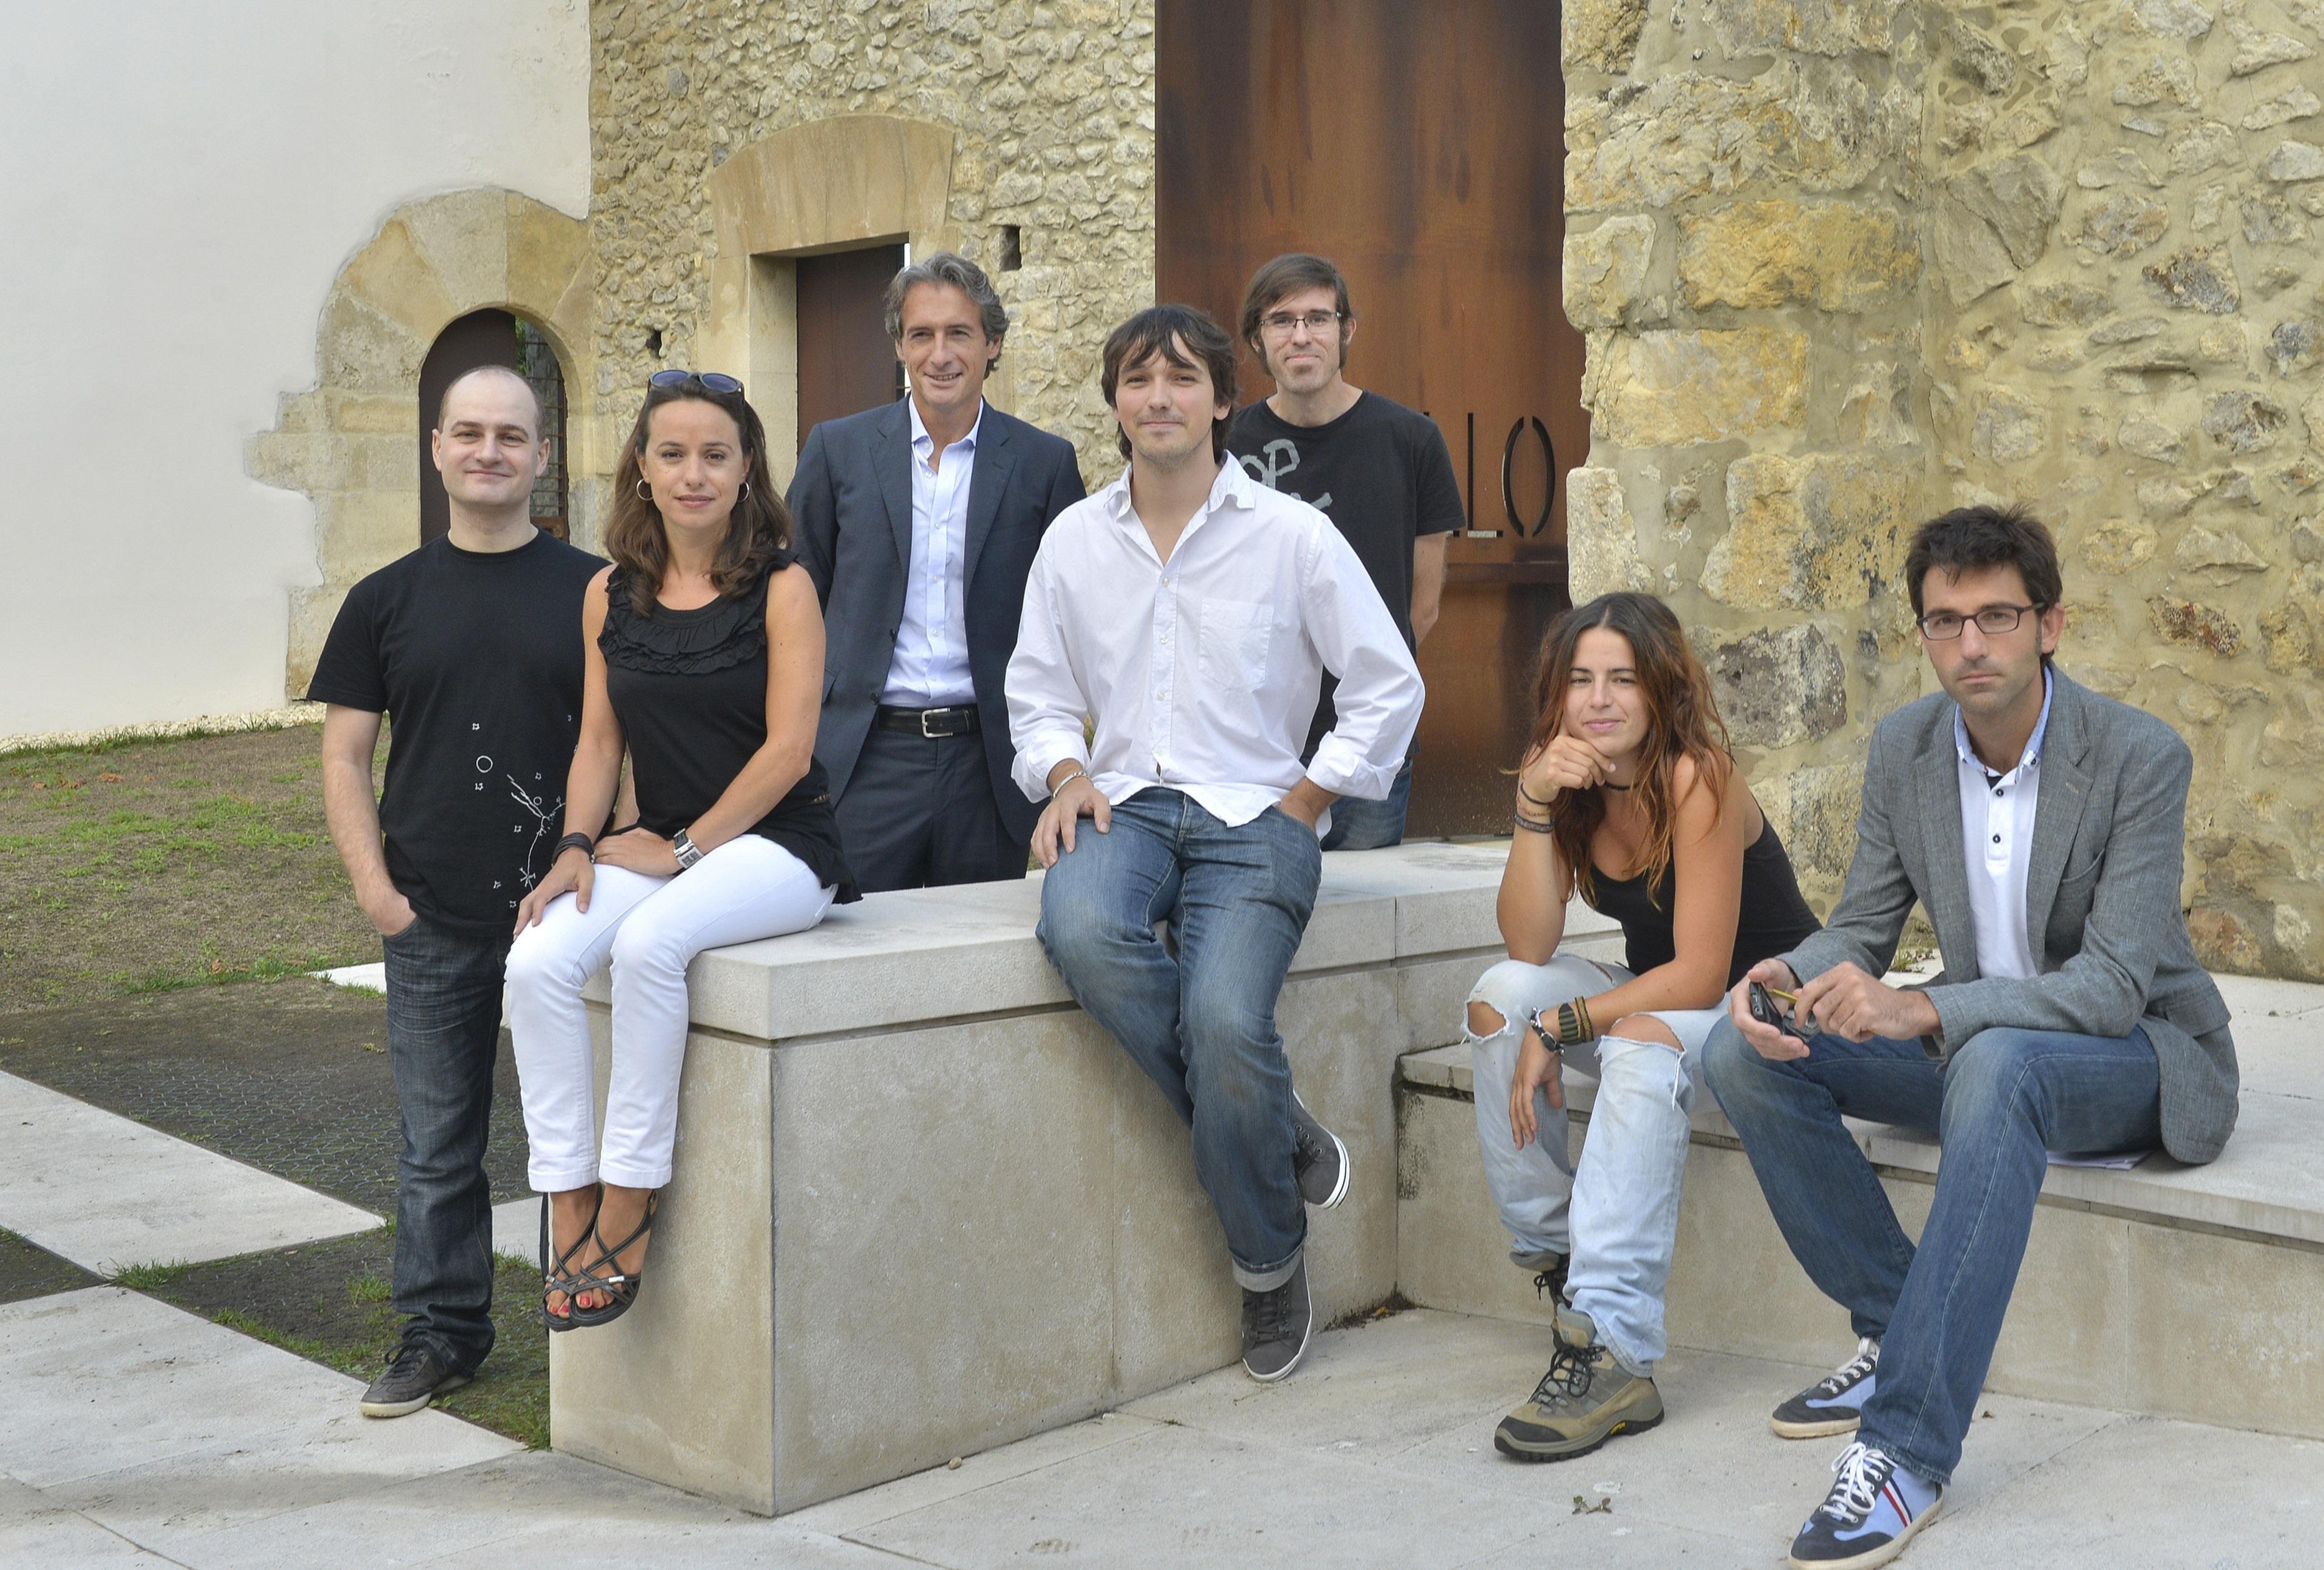 Una decena de profesionales y empresas impartirán un programa de formación audiovisual en Enclave Pronillo